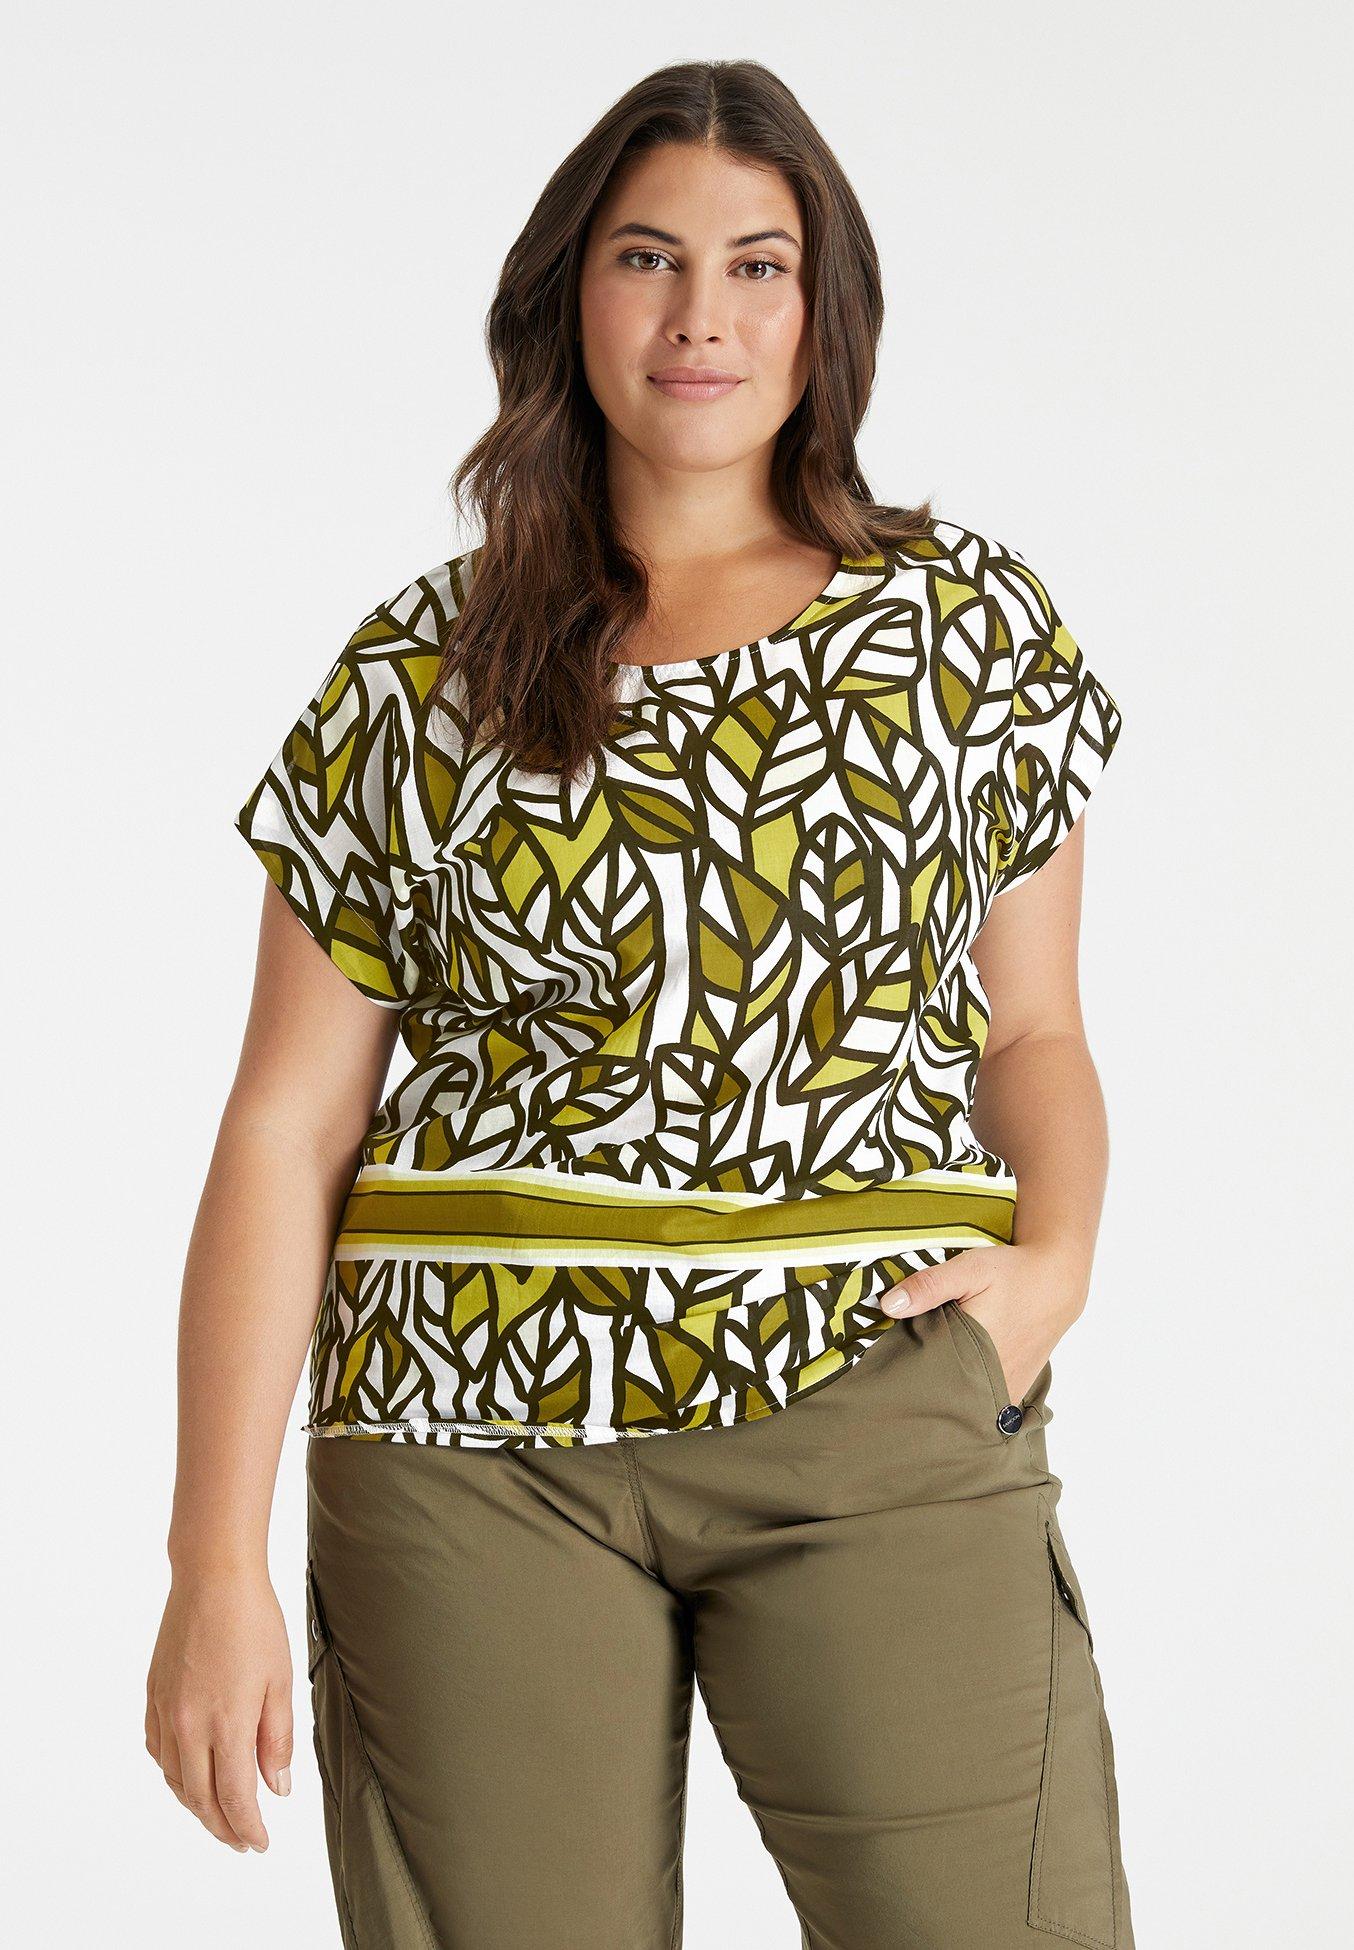 Donna mit Blätter-Print - Camicetta